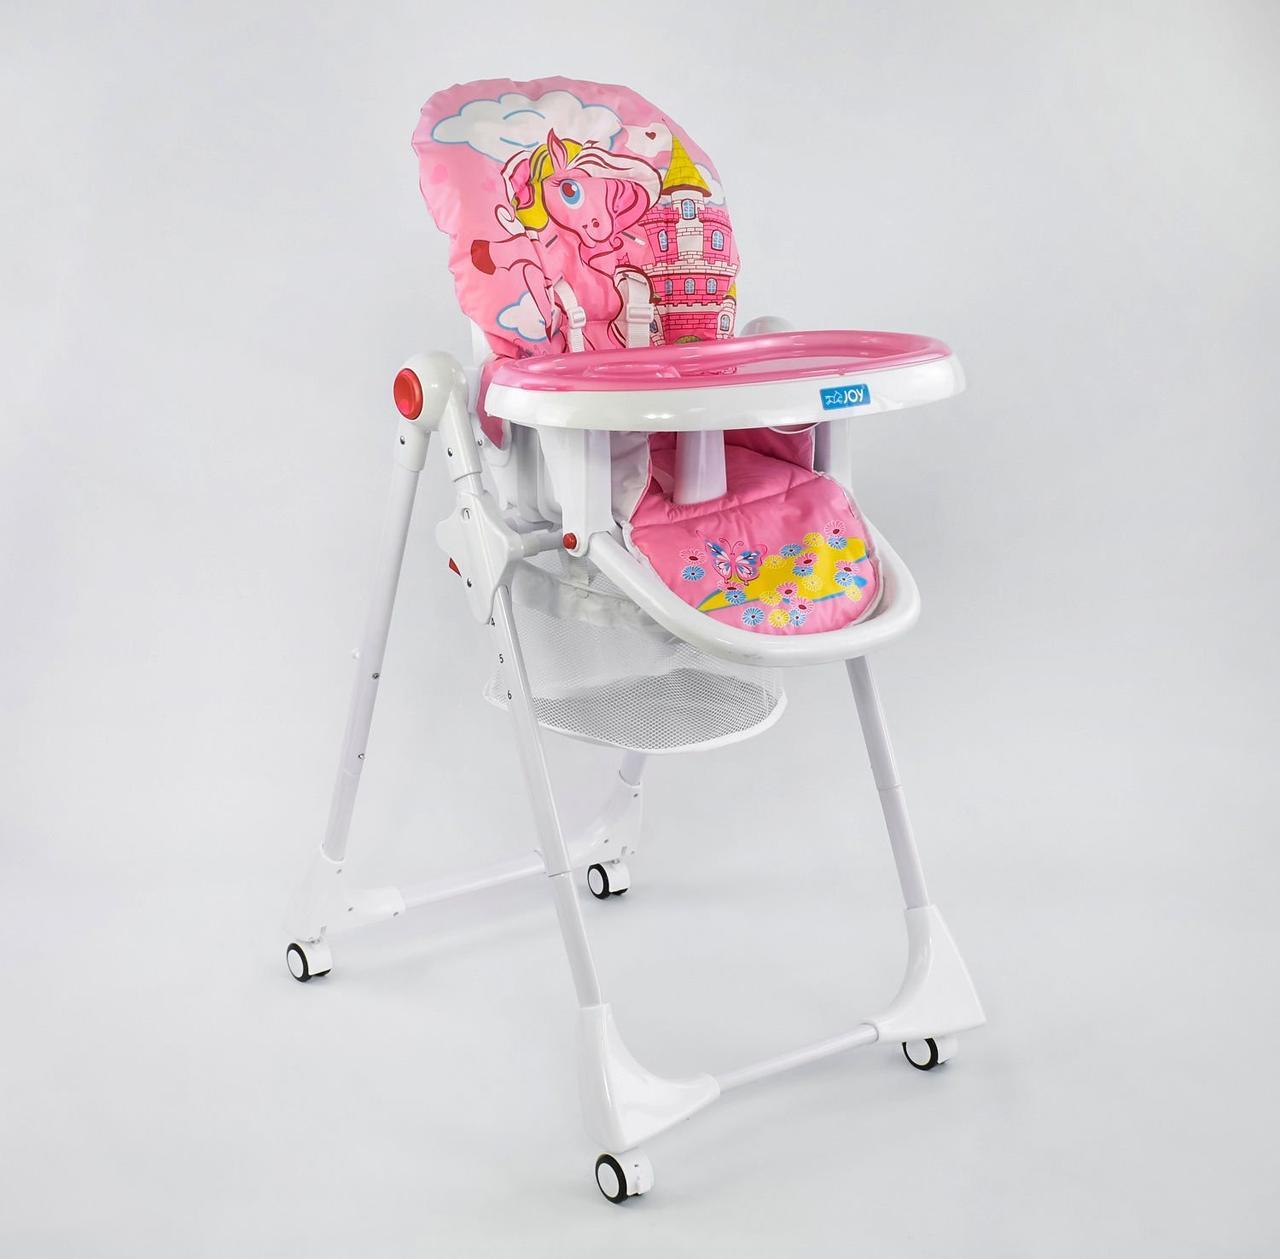 """Стільчик для годування дитини, регулюється по висоті, легко складається JOY ДО-73480 """"Поні"""", рожевий"""